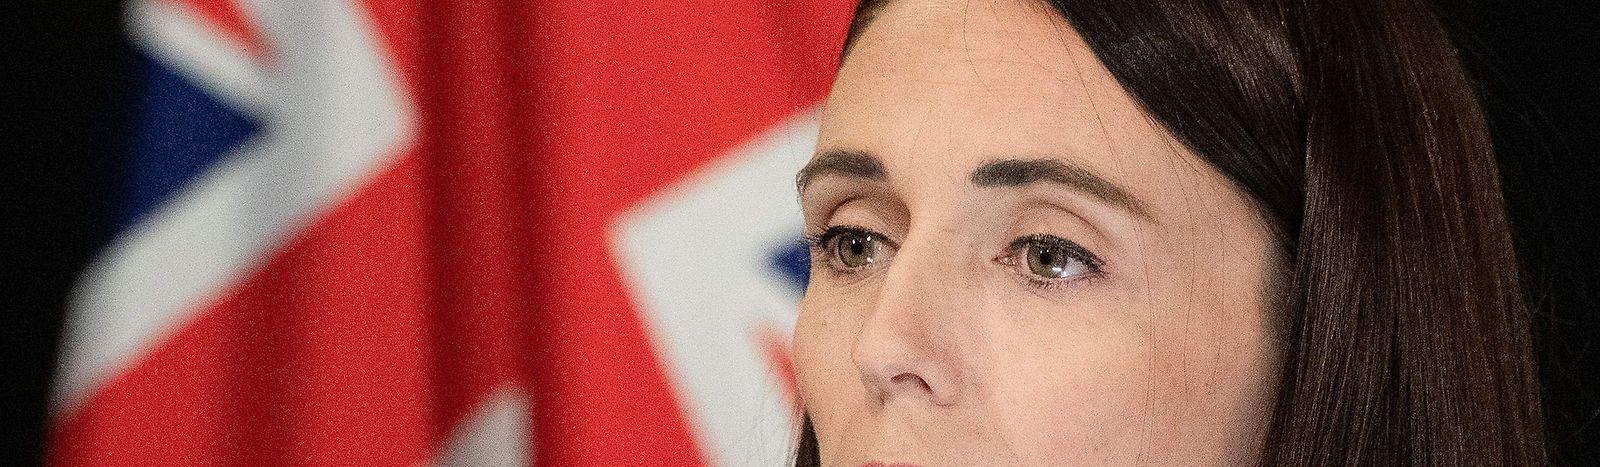 Die neuseeländische Premierministerin Jacinda Ardern erhielt internationl Lob für ihre Rolle nach den Attentaten.